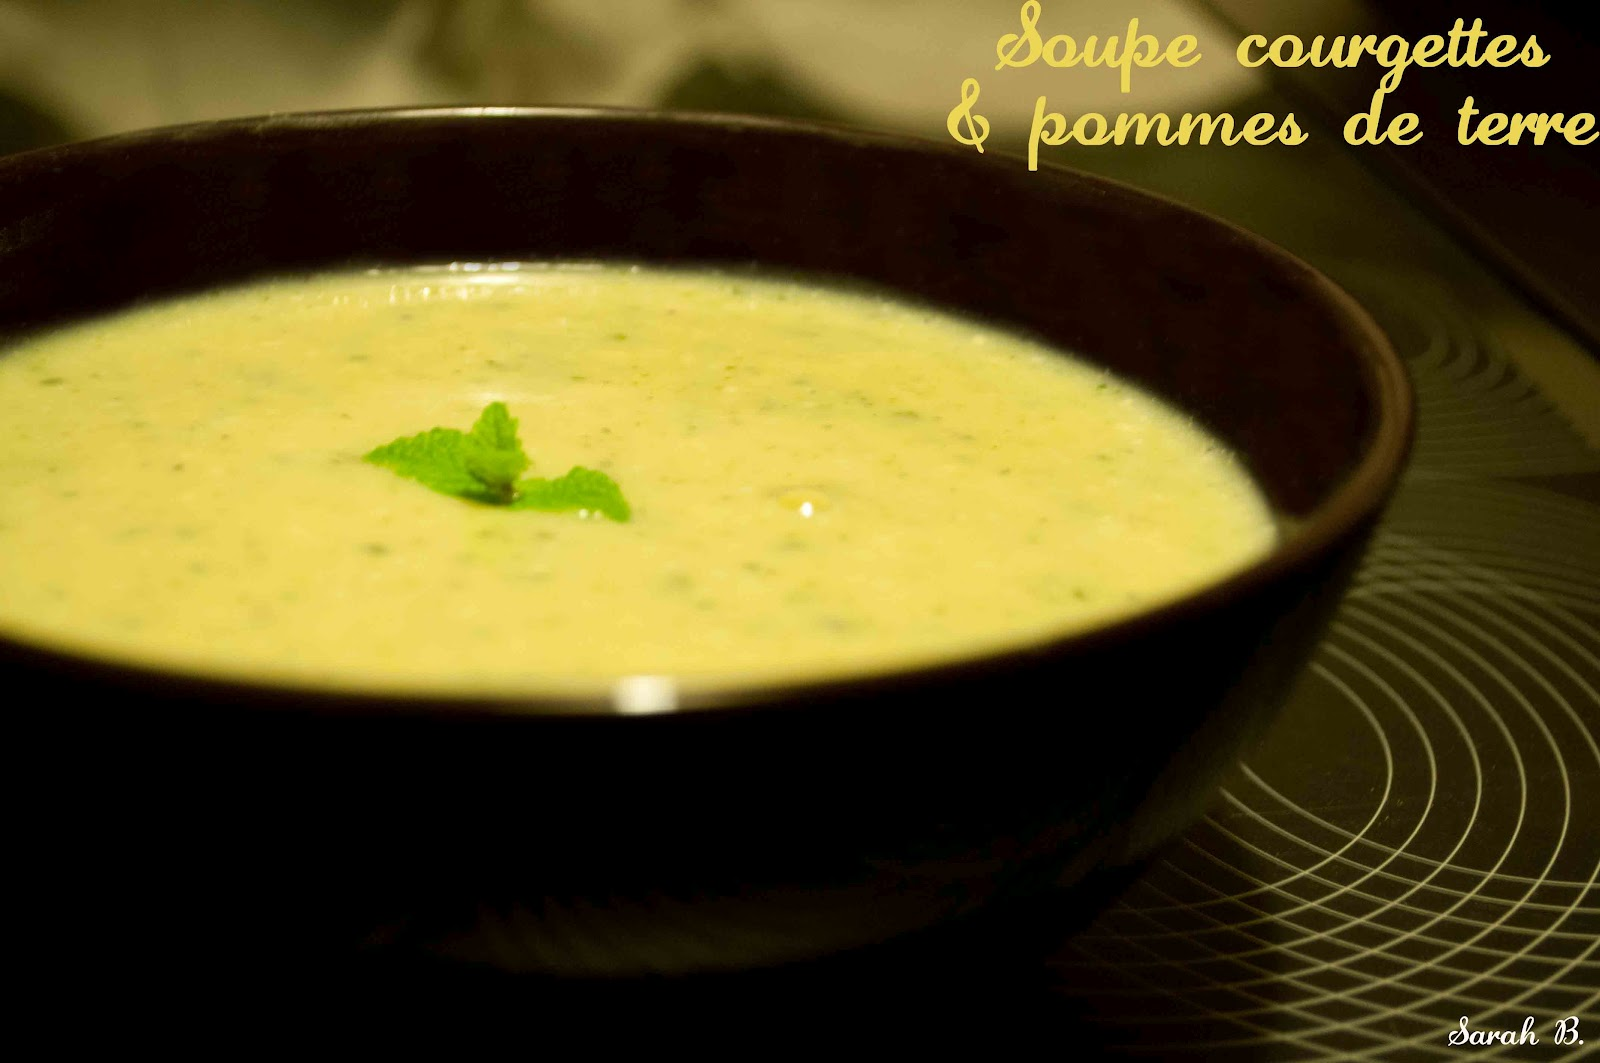 Delightful Soupe De Pomme De Terre #14: Soupe Light Courgettes U0026 Pommes De Terre